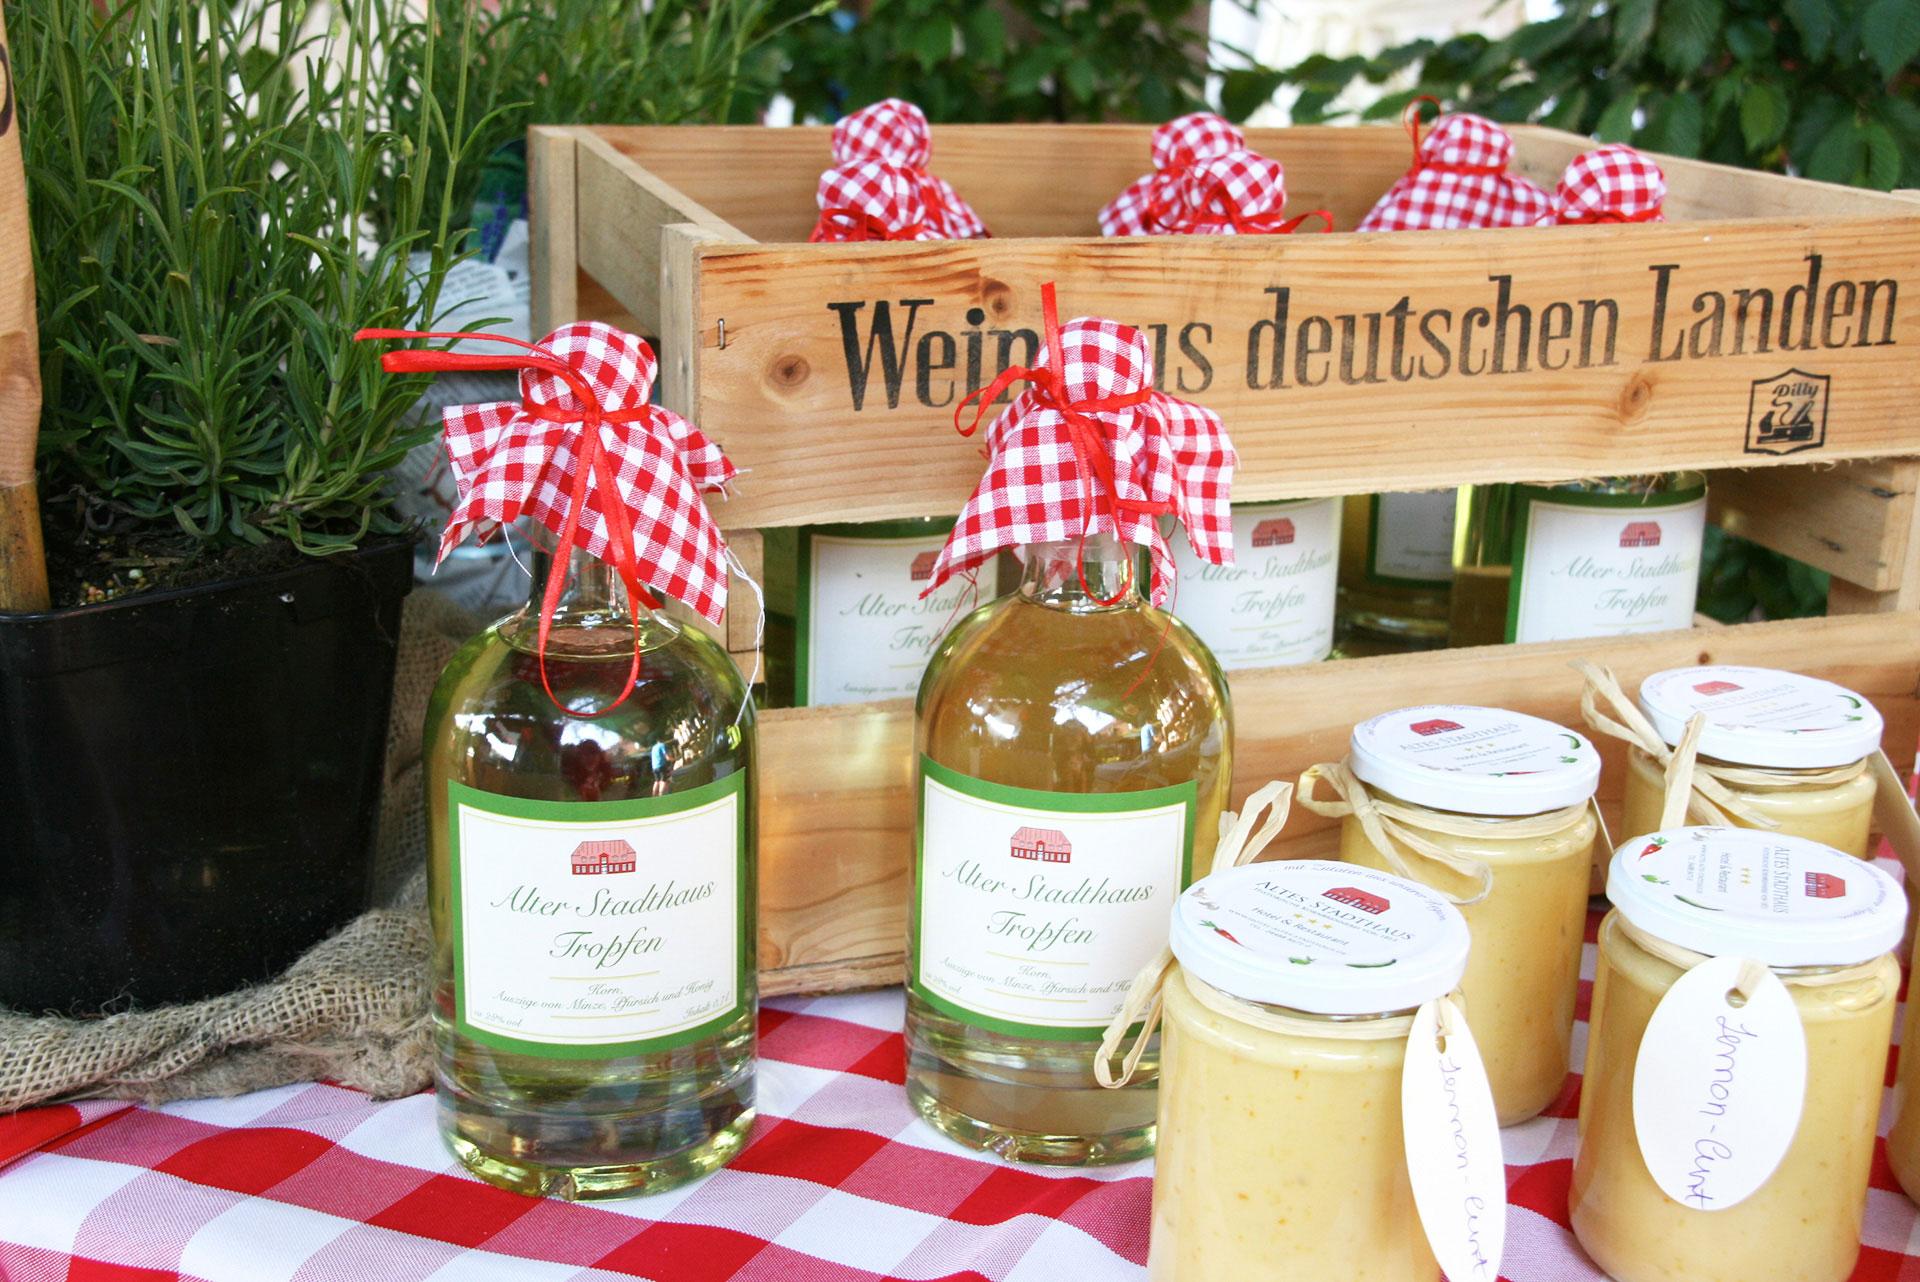 Westesteder Wein